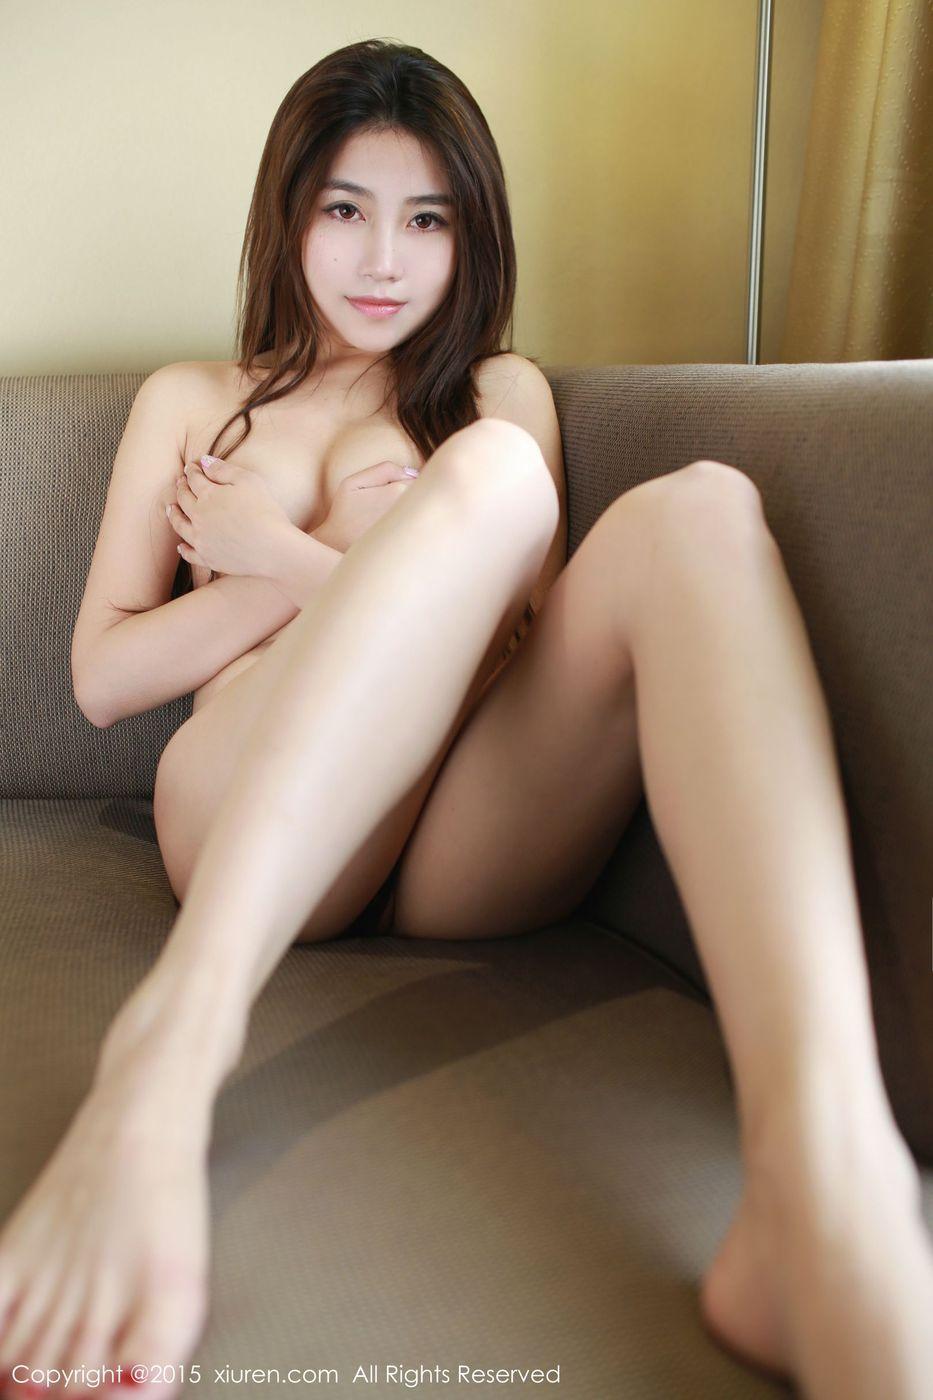 [秀人网XiuRen] 美女模特许诺Sabrina黑丝美腿韩国首尔旅拍第一套 NO.425